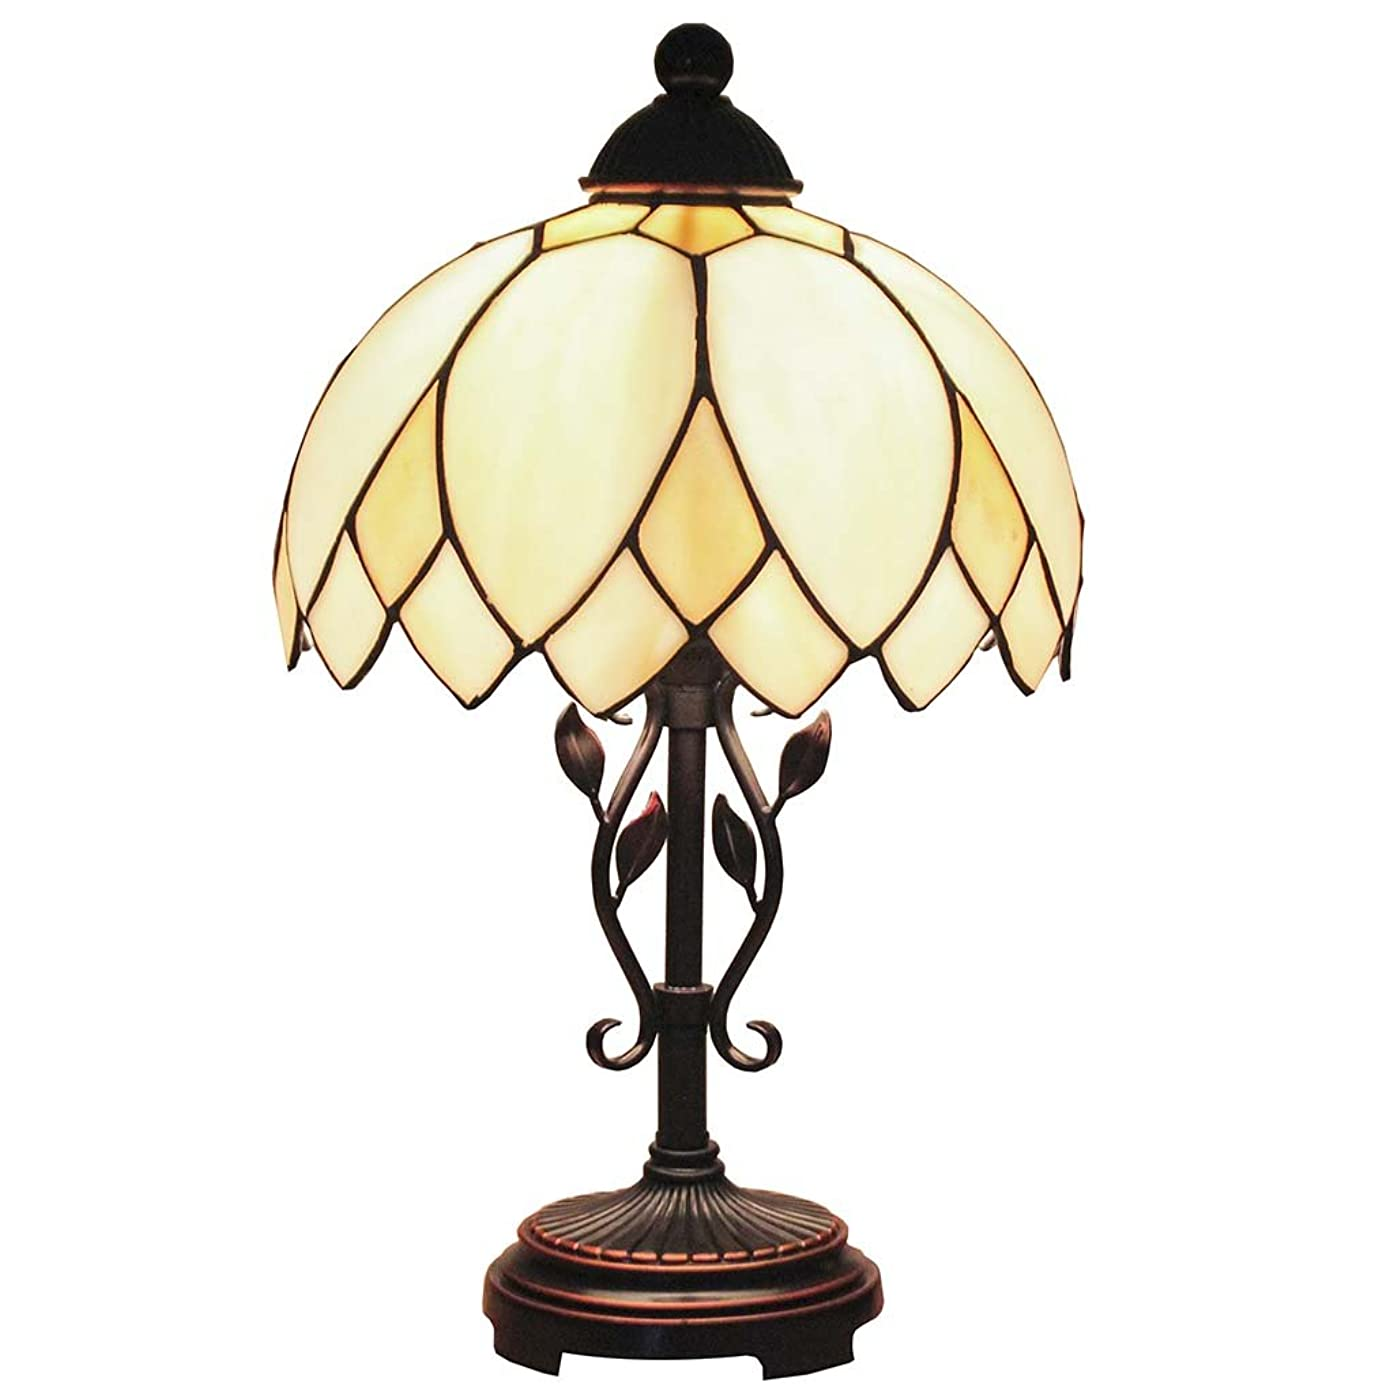 払い戻し繁栄するぬれたBIEYE照明 テーブルランプ ティファニー風 ステンドグラスランプ プレゼント 贈り物 おしゃれ E26 ベッドサイドランプ